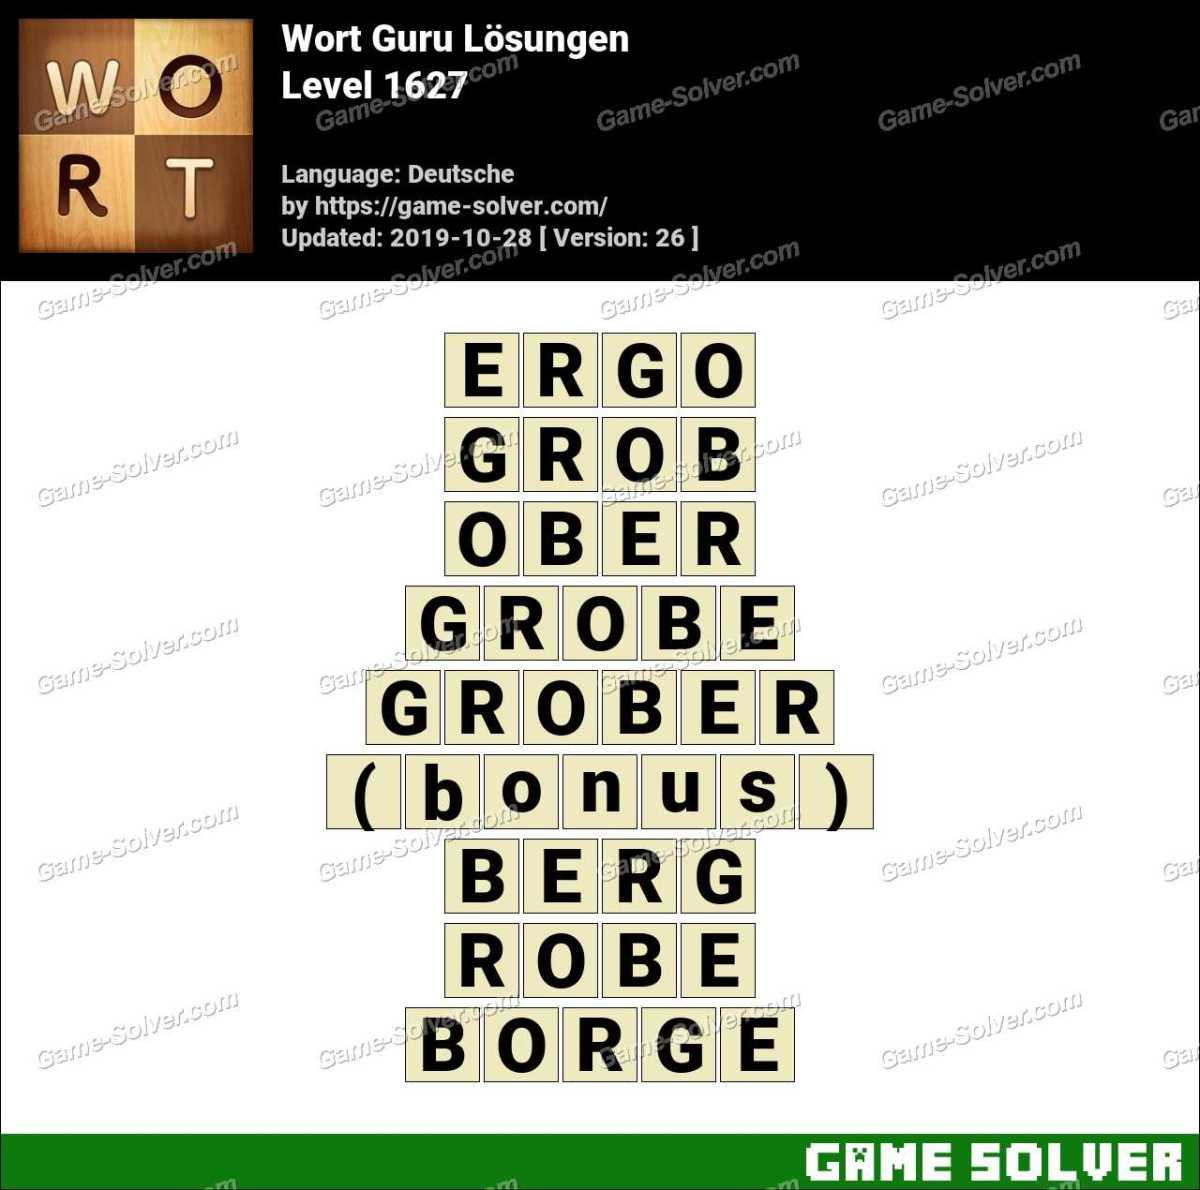 Wort Guru Level 1627 Lösungen